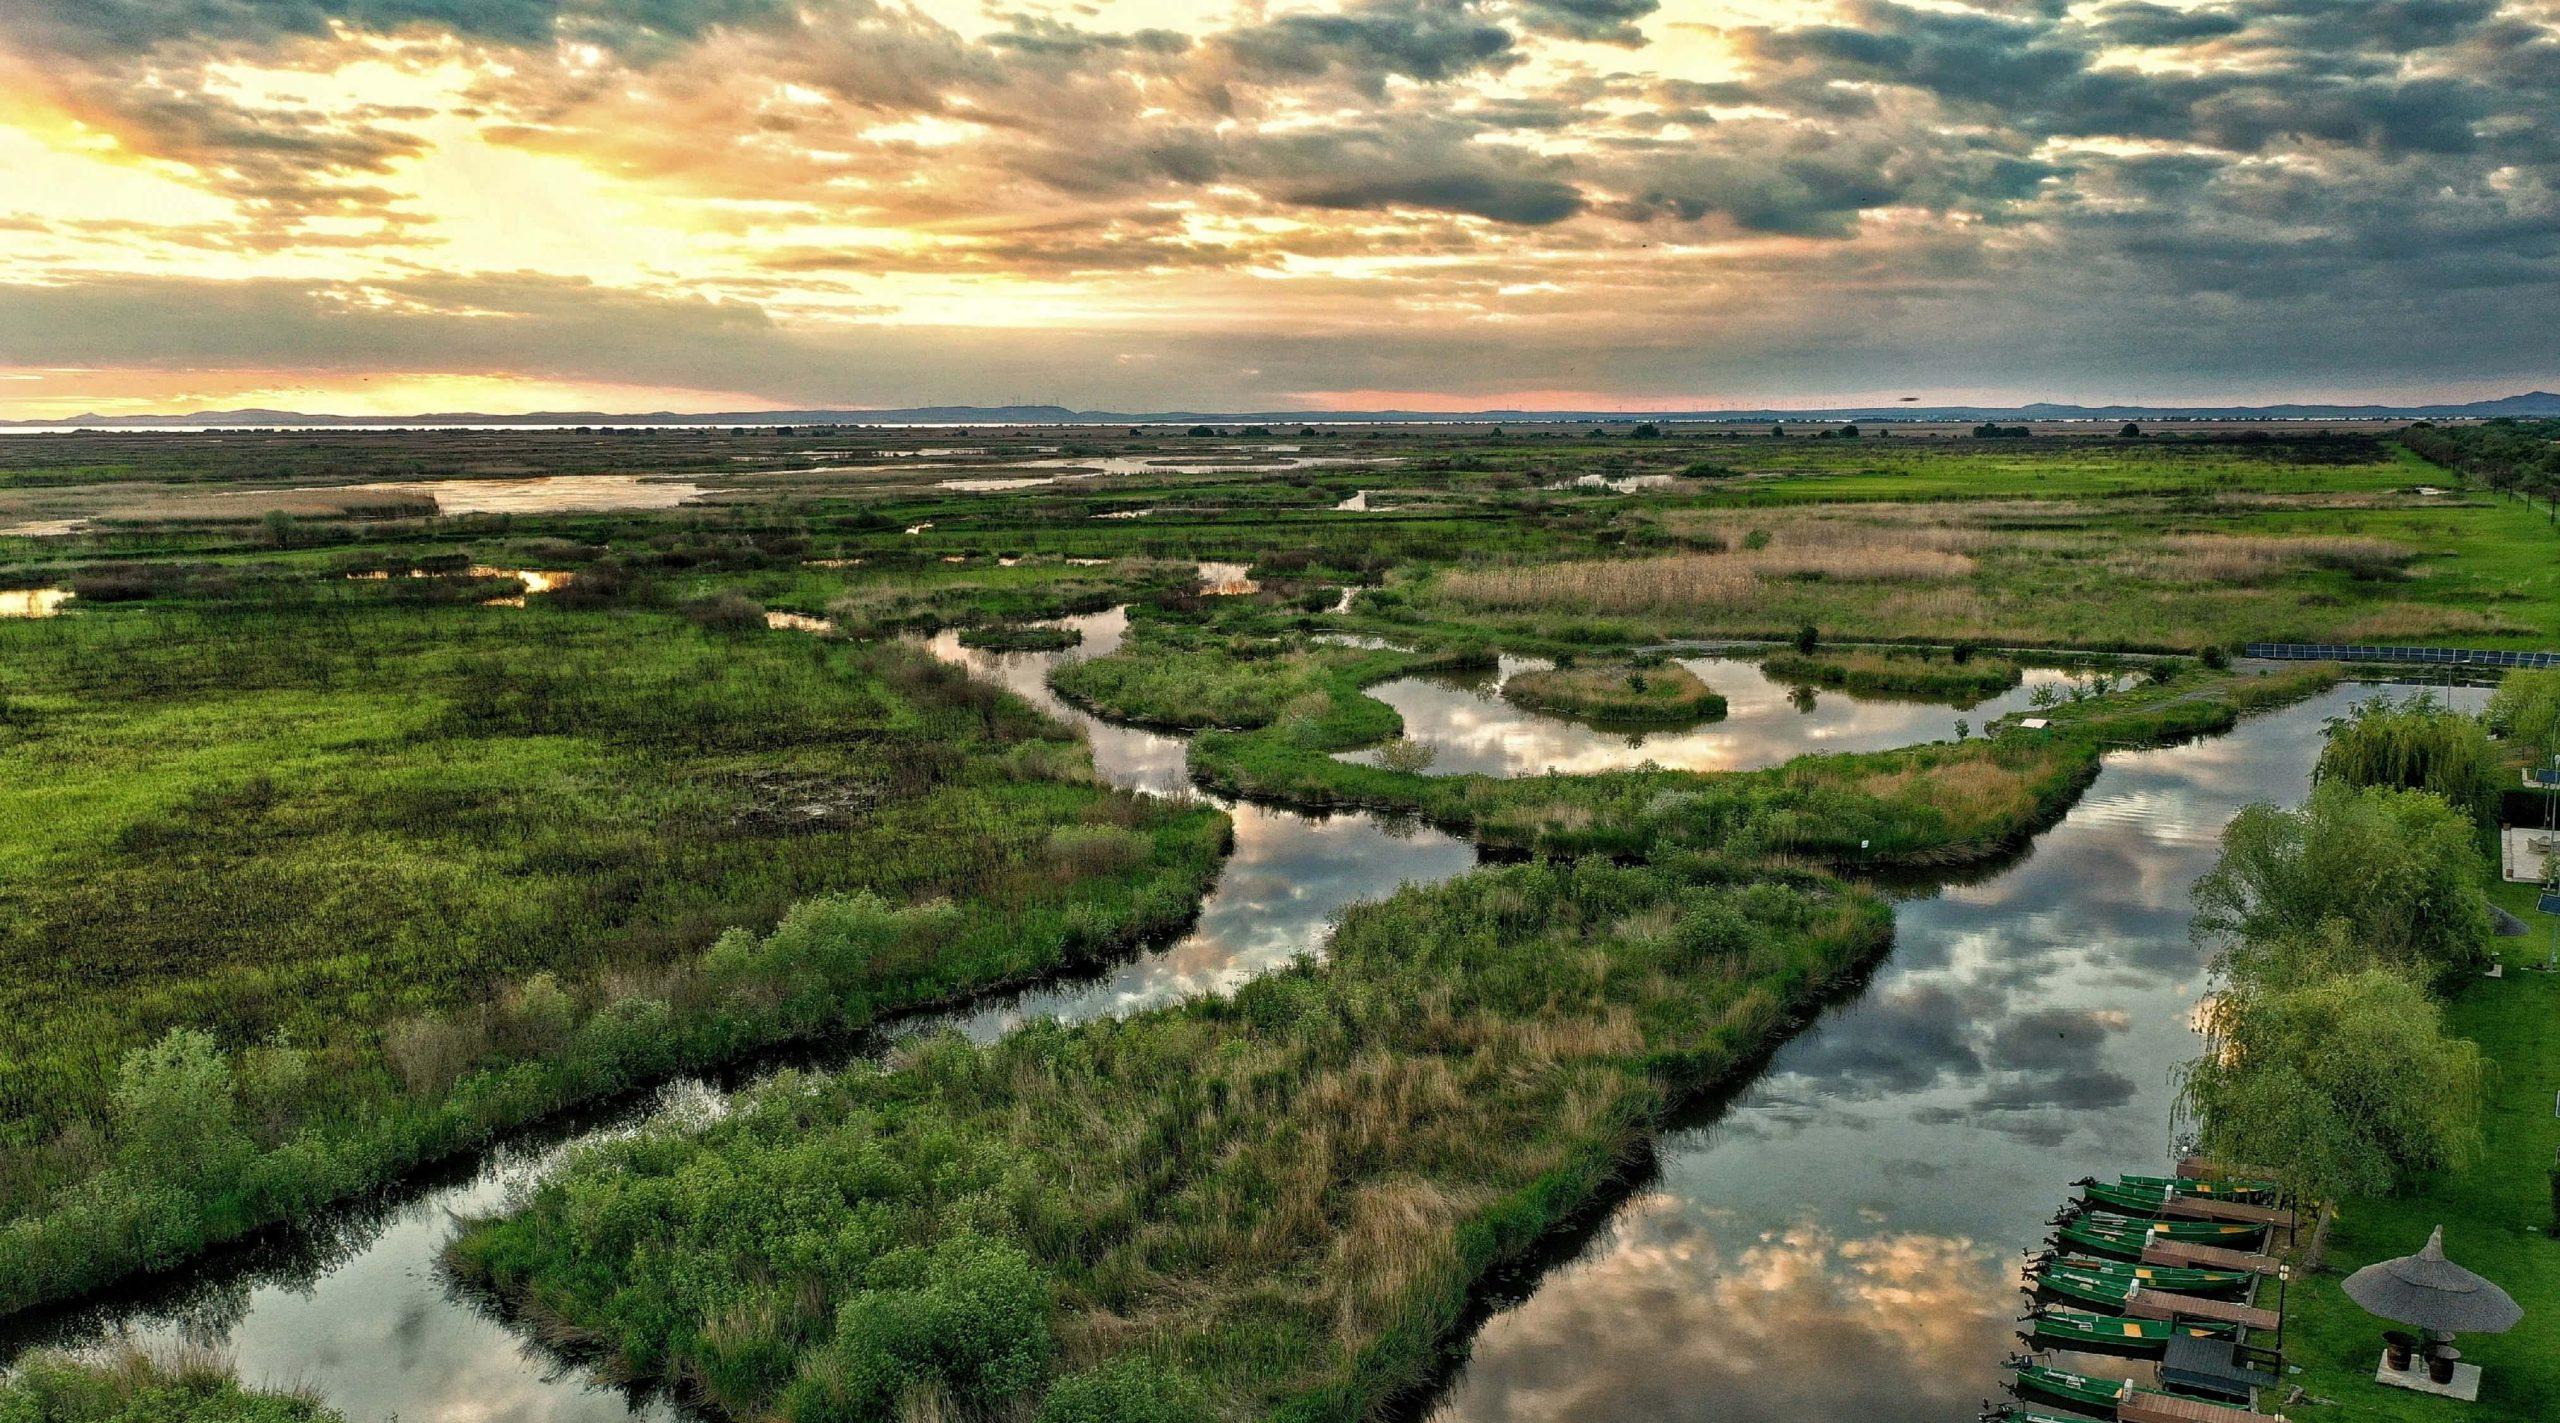 În Delta Dunării este o atmosferă magică și liniștită acum